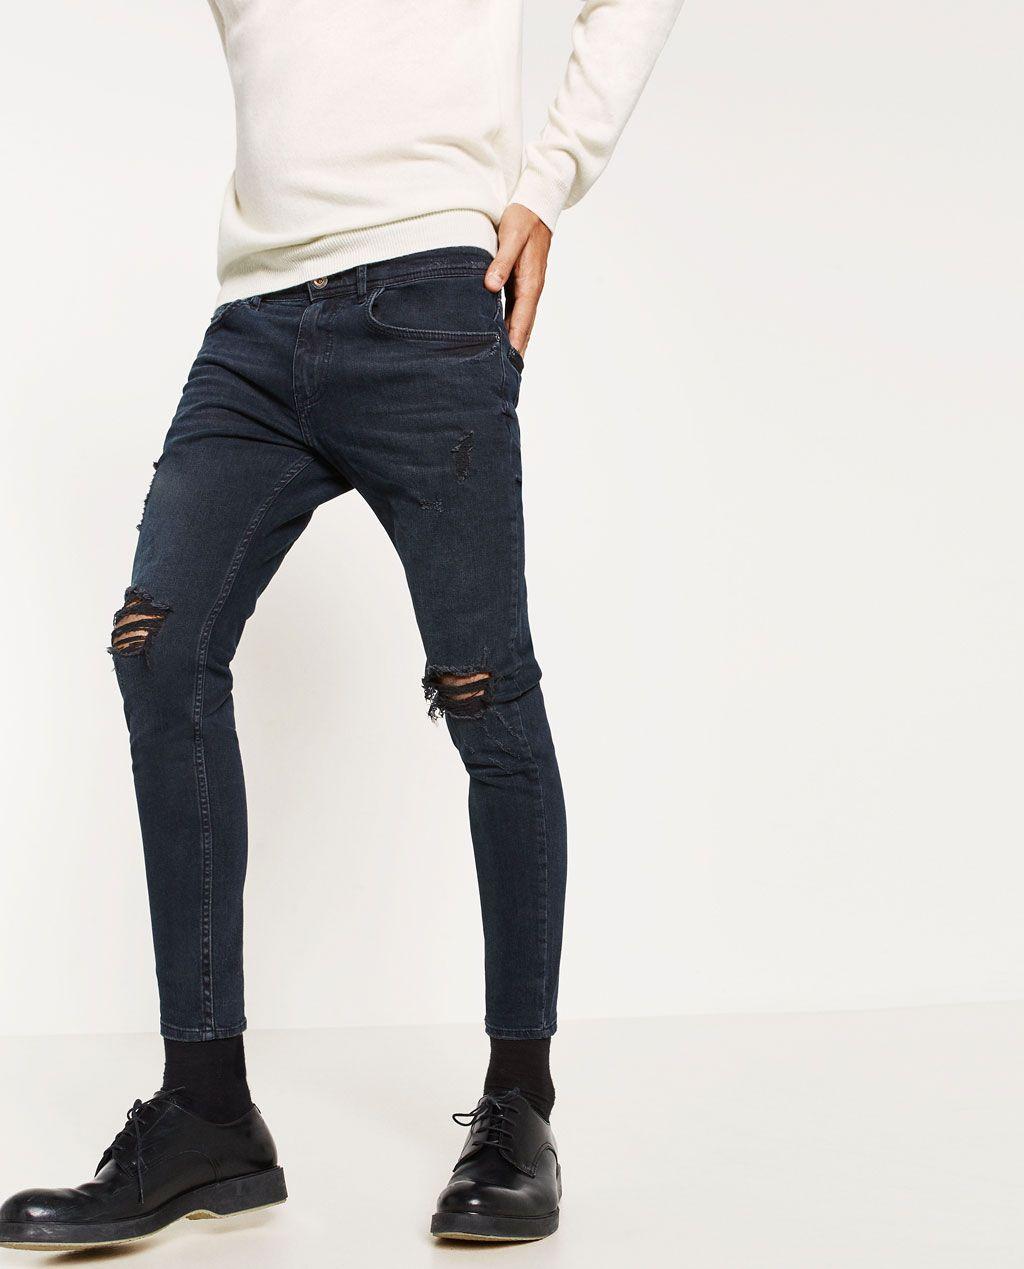 Tiran Yuruyerek Esitlik Pantalones De Mezclilla Zara Hombre Nightbarpacifico Com